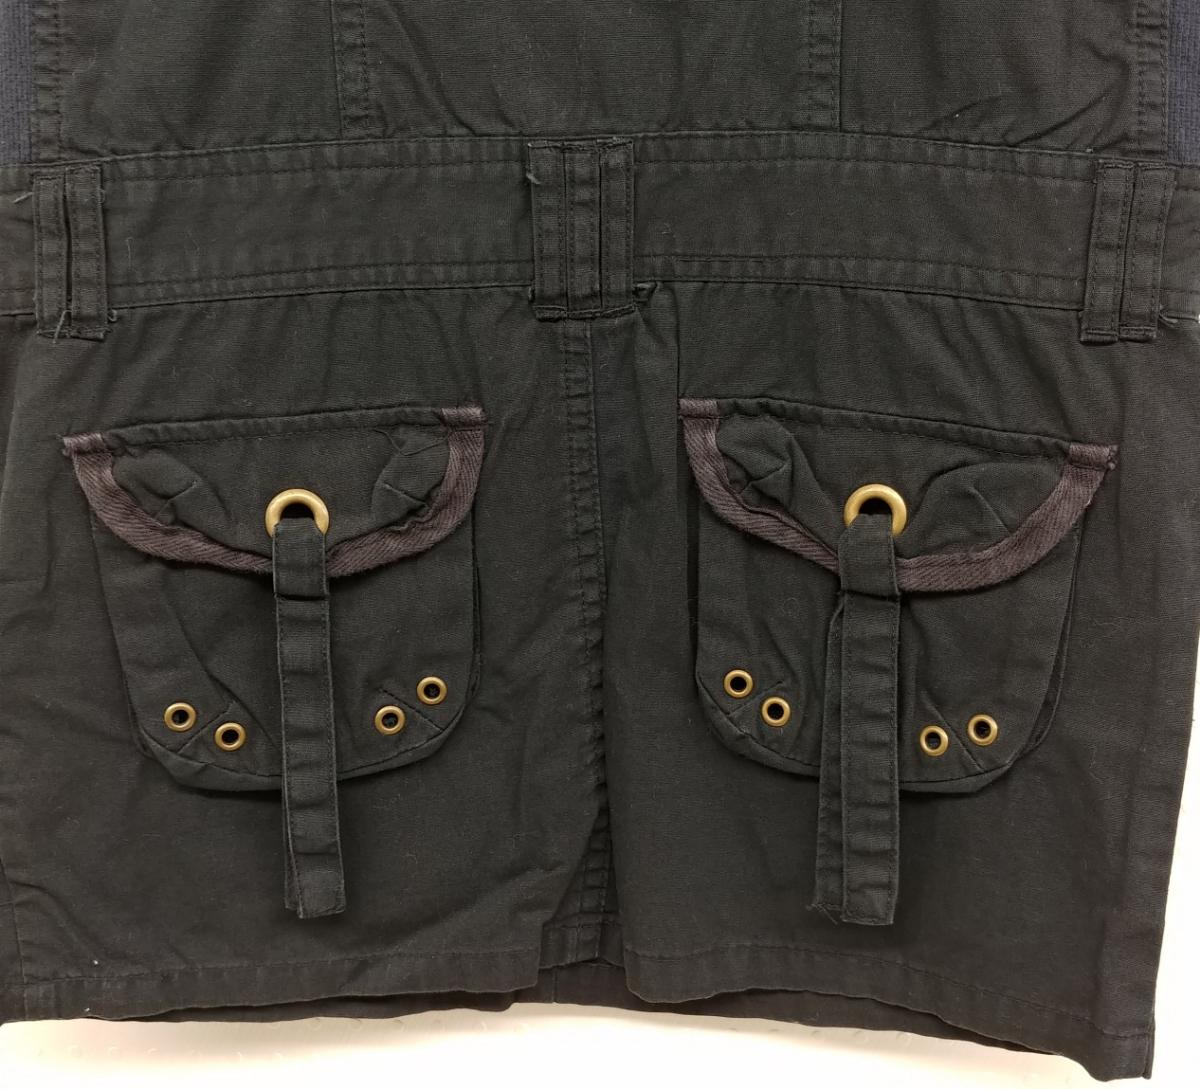 RAYALICE 女児ワンピース ノースリーブ 襟つき  サイズ:140㎝ QUAL:綿100% col:ブラック 新品未使用(タグ付き) _画像5